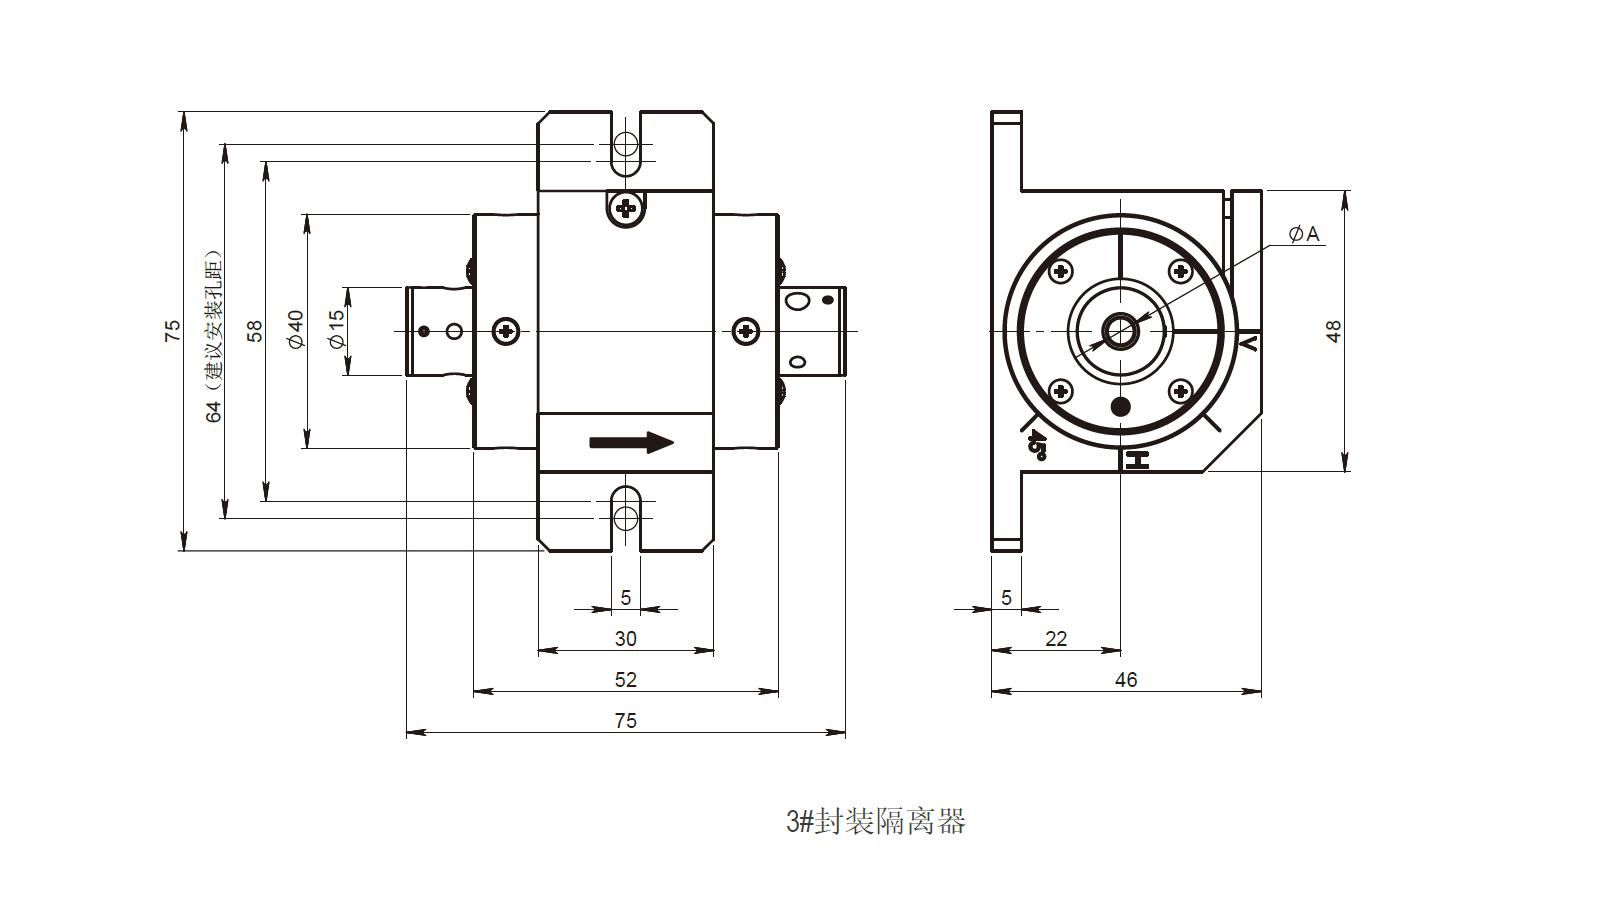 隔离器3号封装南京光宝-CRYLINK